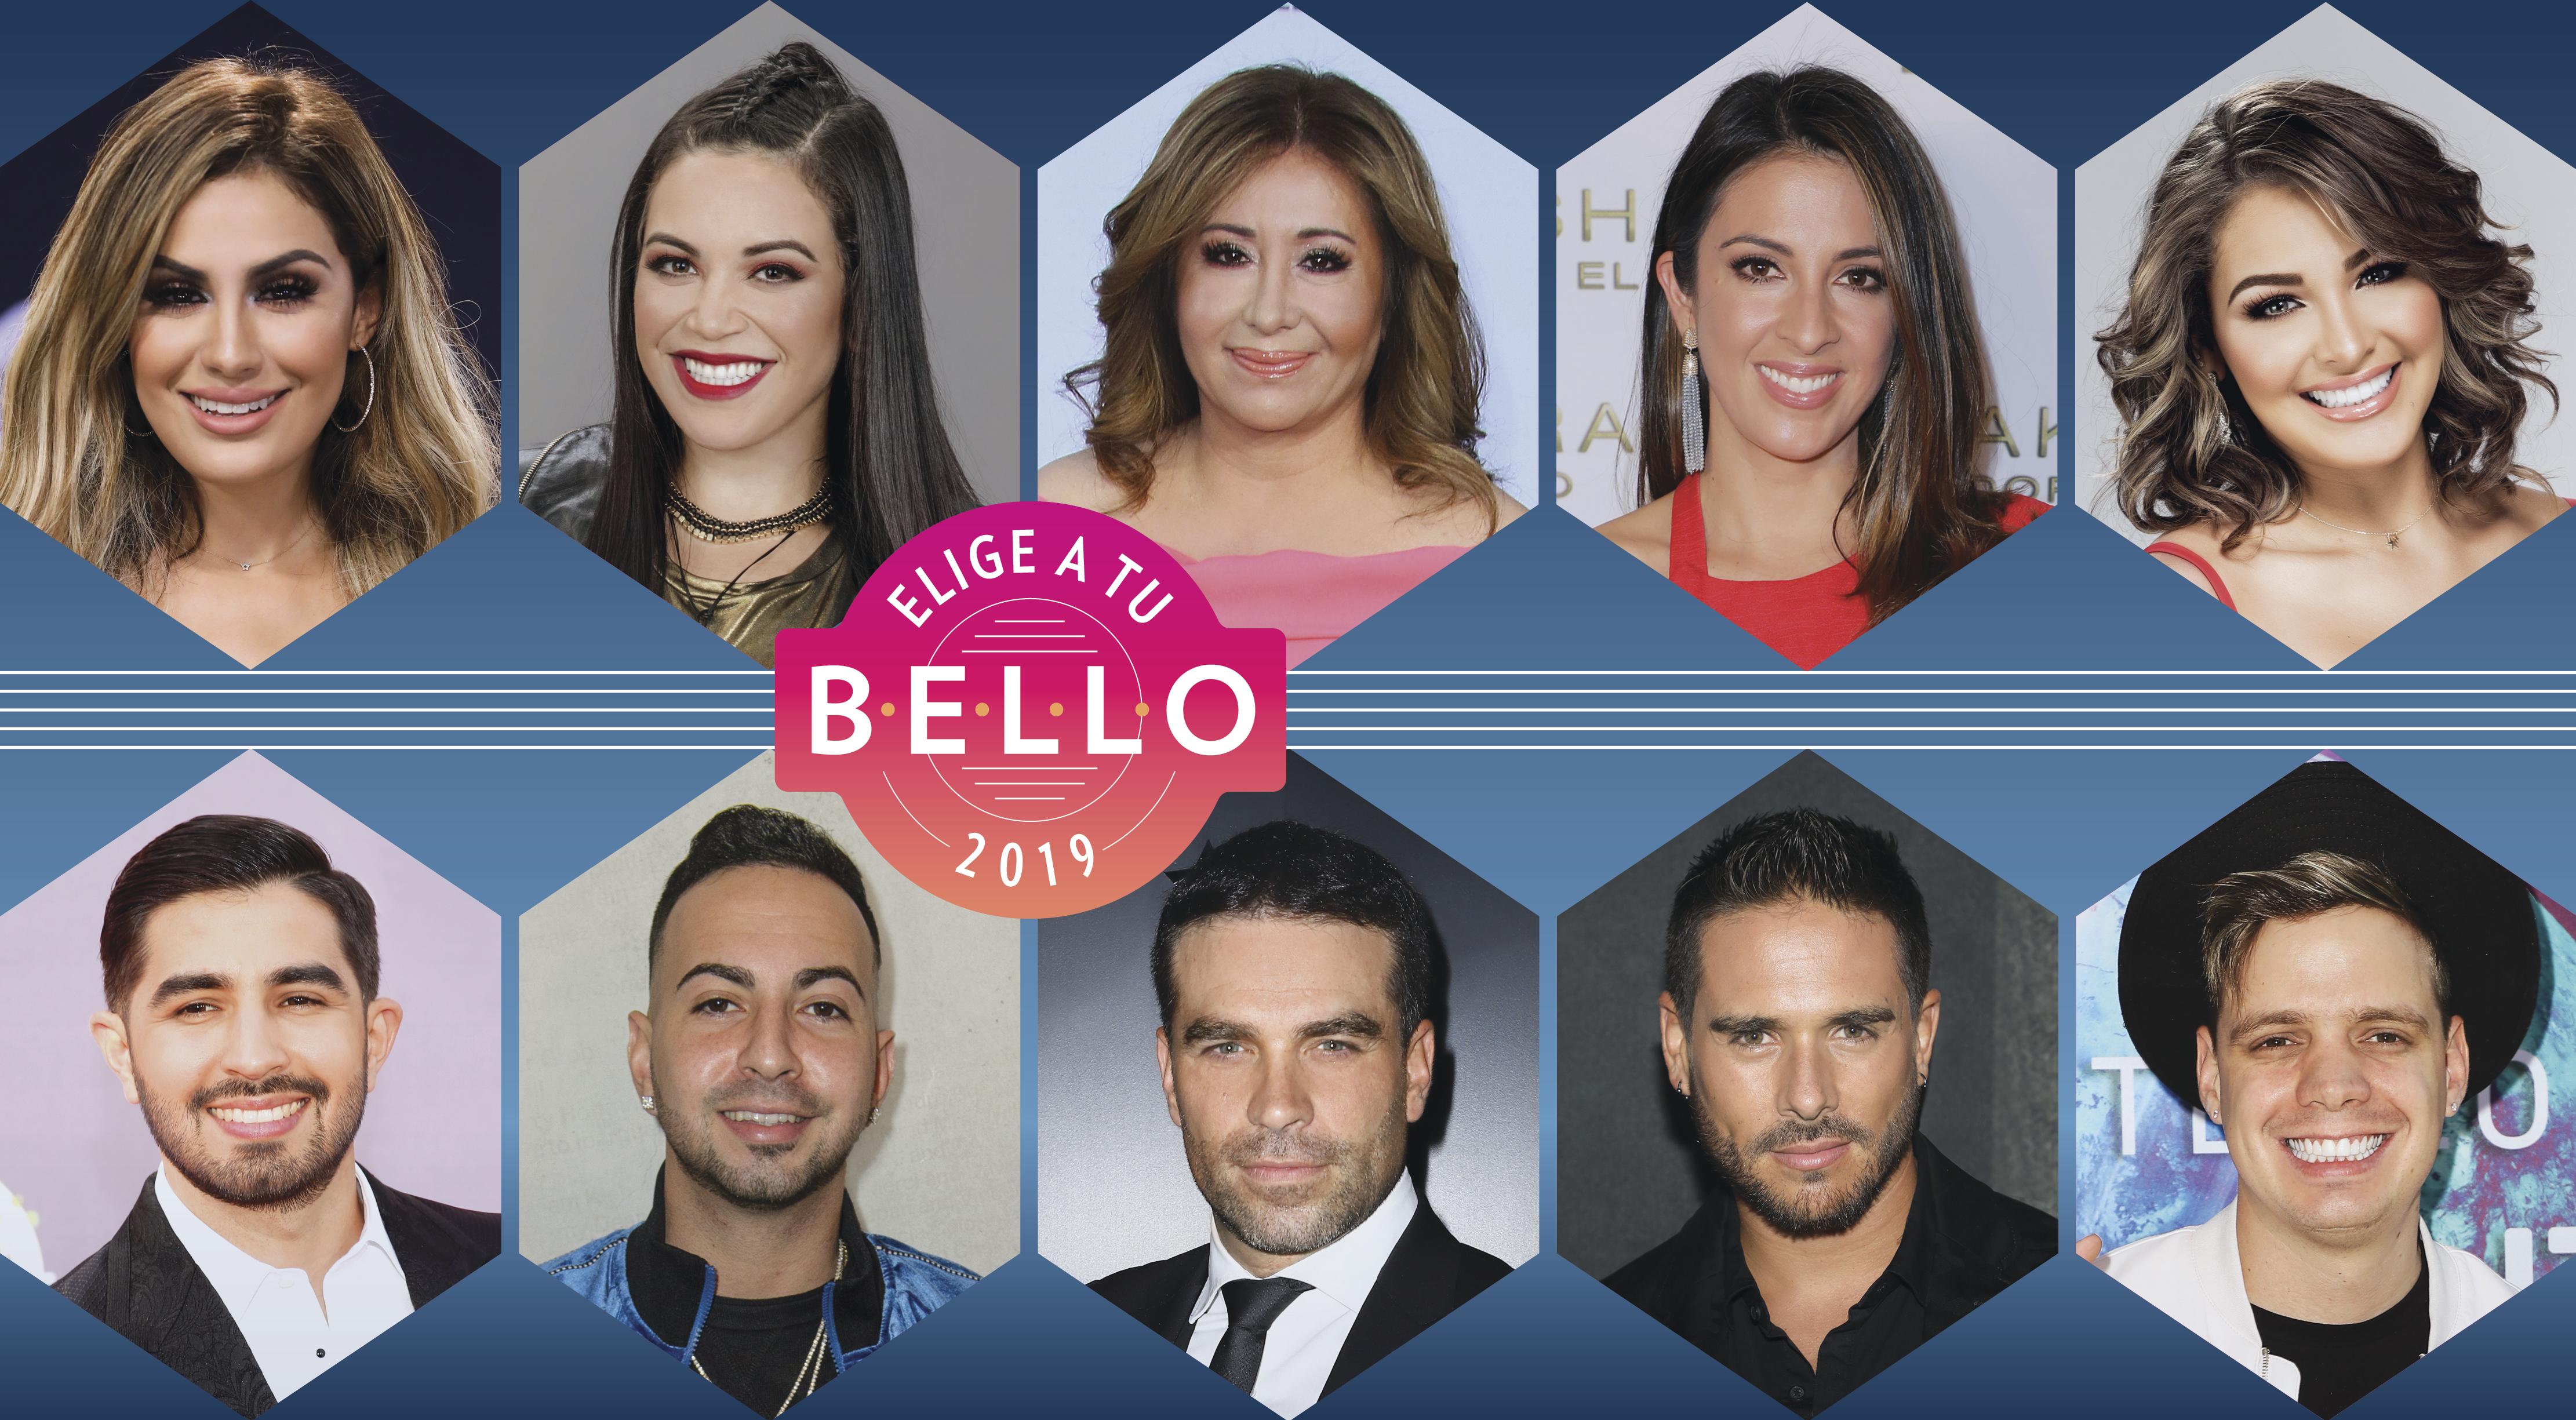 Elige a tu bello 2019